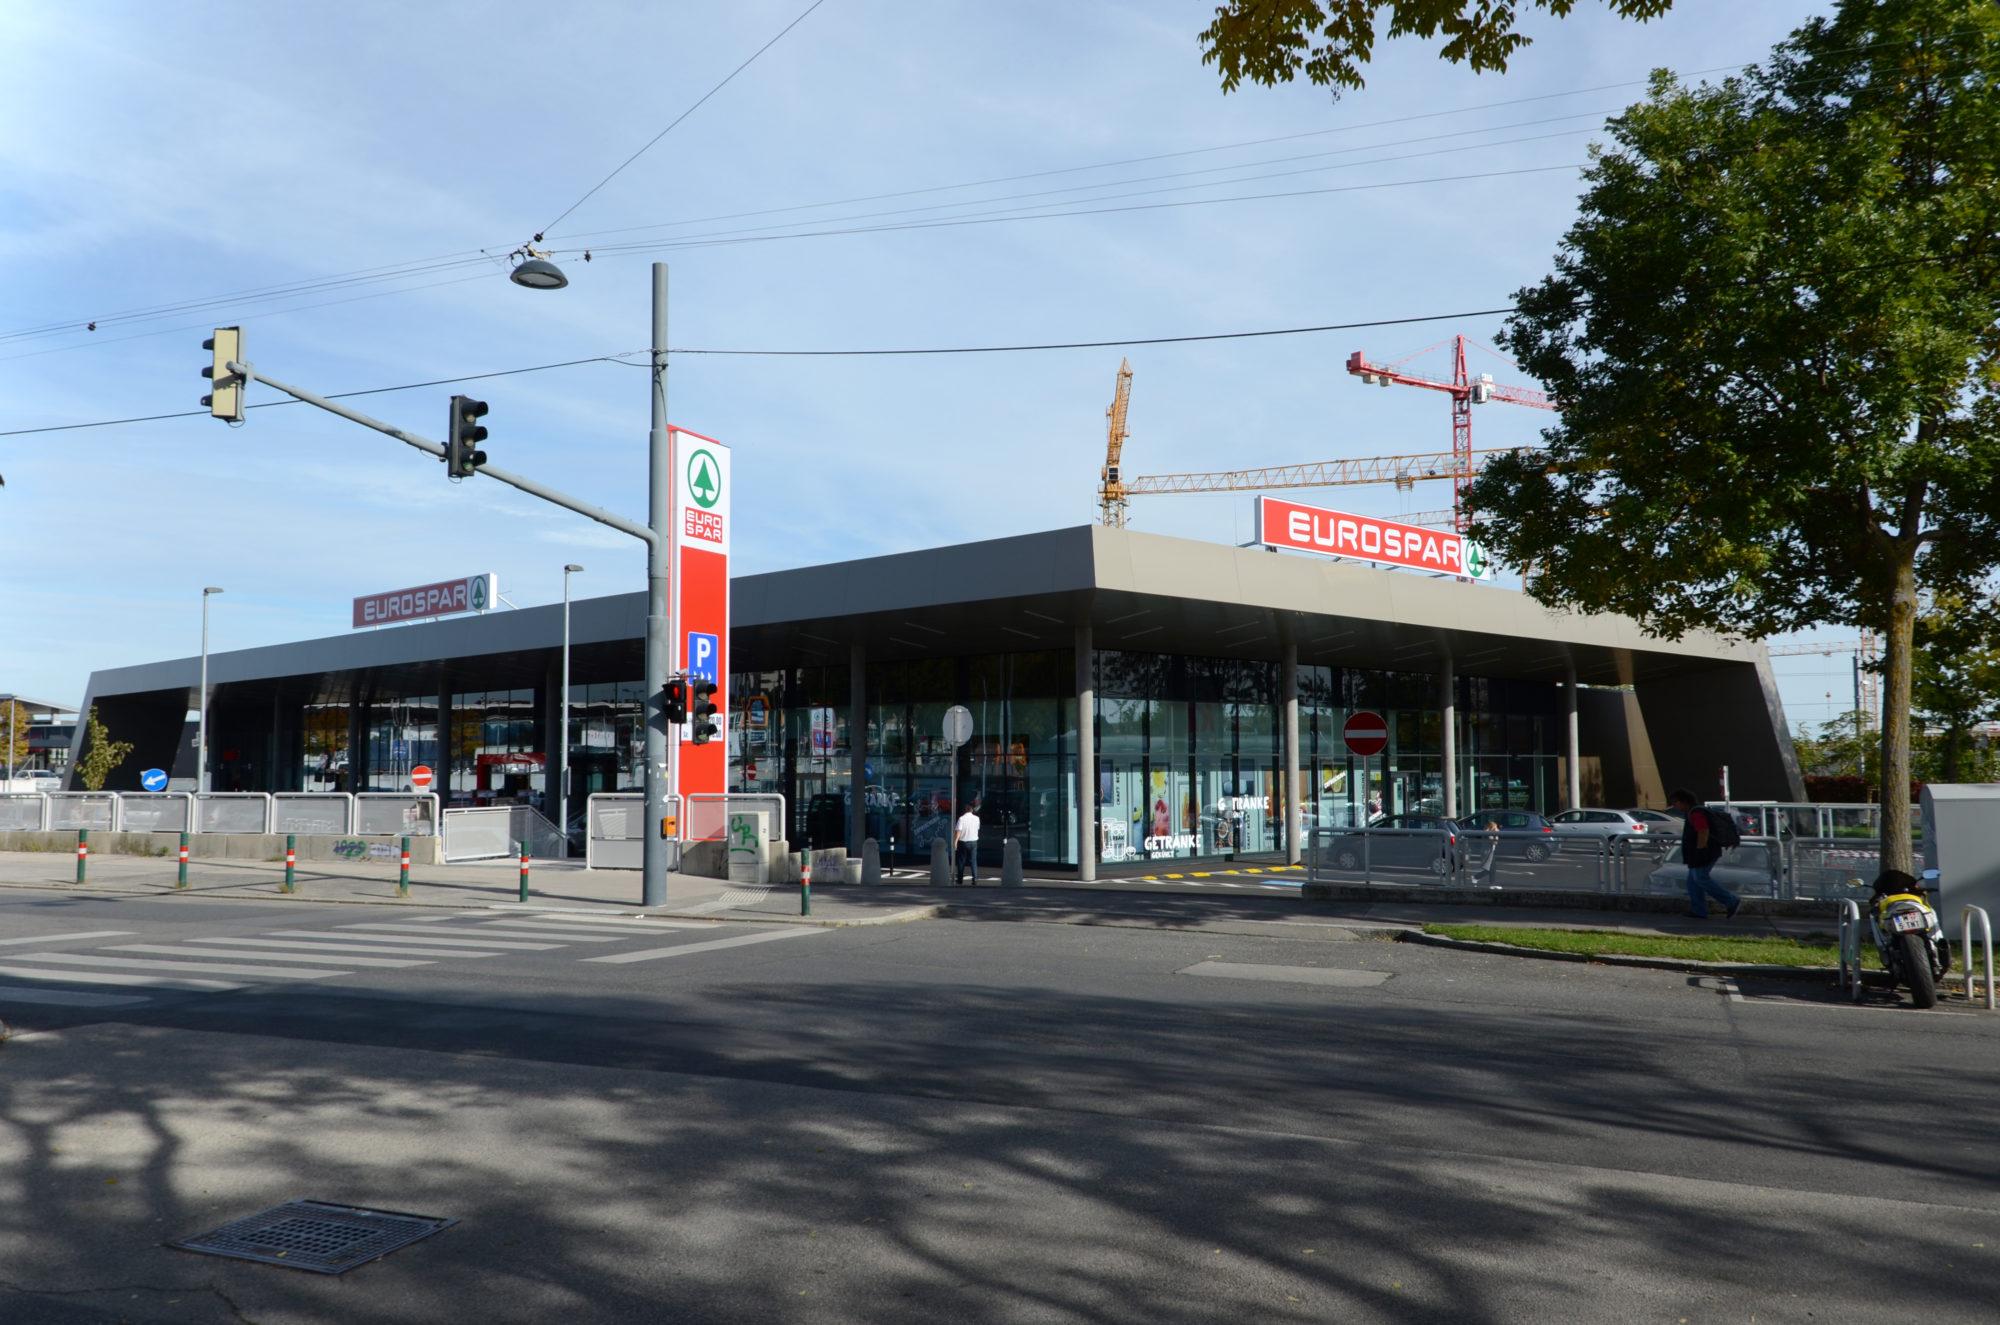 Eurospar Gatterederstraße